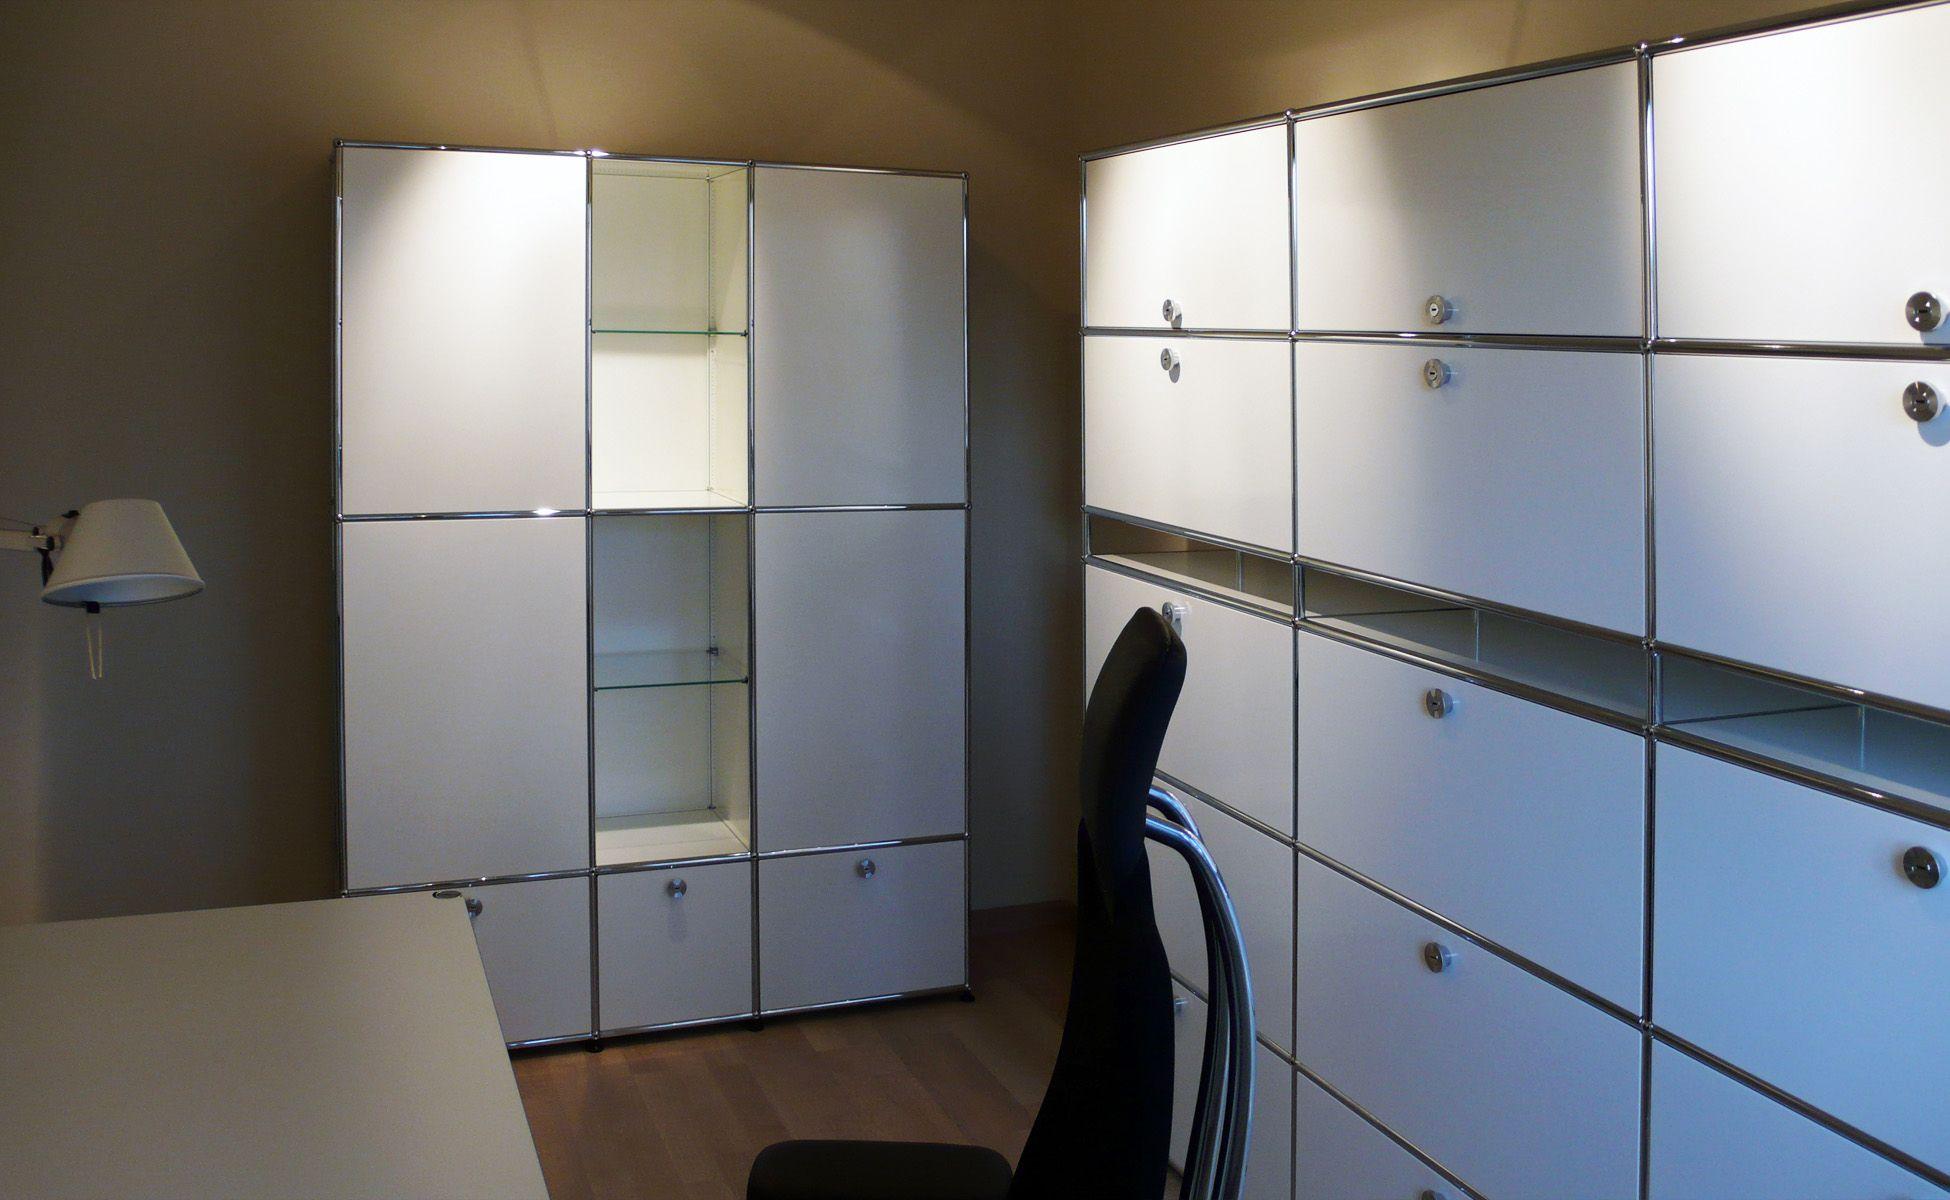 vitra bürostuhl + usm arbeitszimmer steidten+ in berlin | usm haller ...